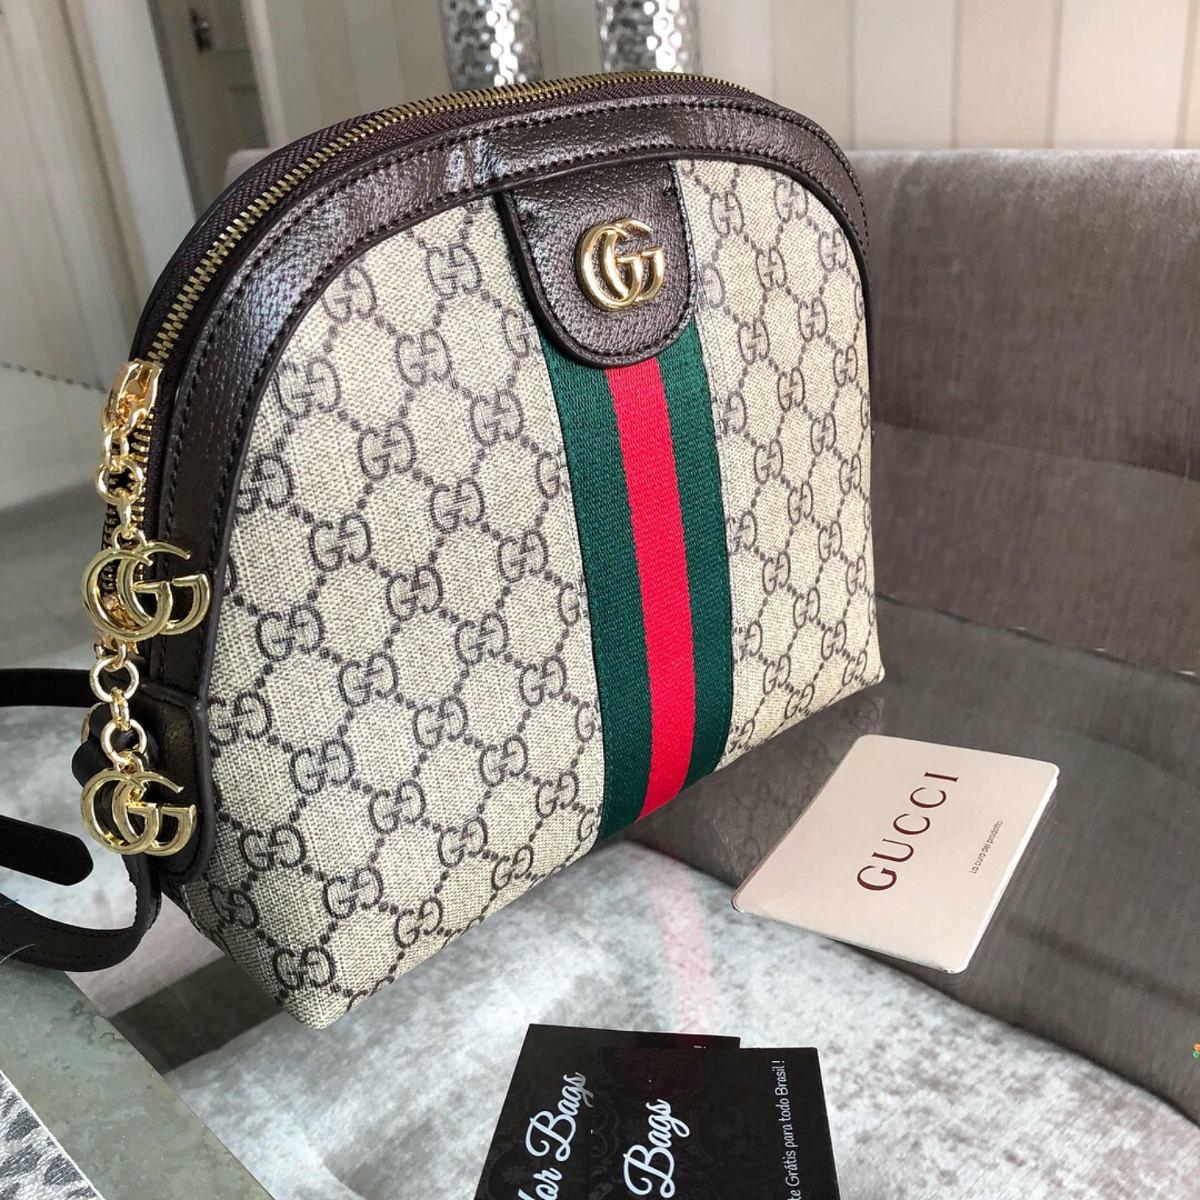 e2a45a8c9 Bolsa Feminina Gucci - Importada Marca Luxo - R$ 830,00 em Mercado Livre